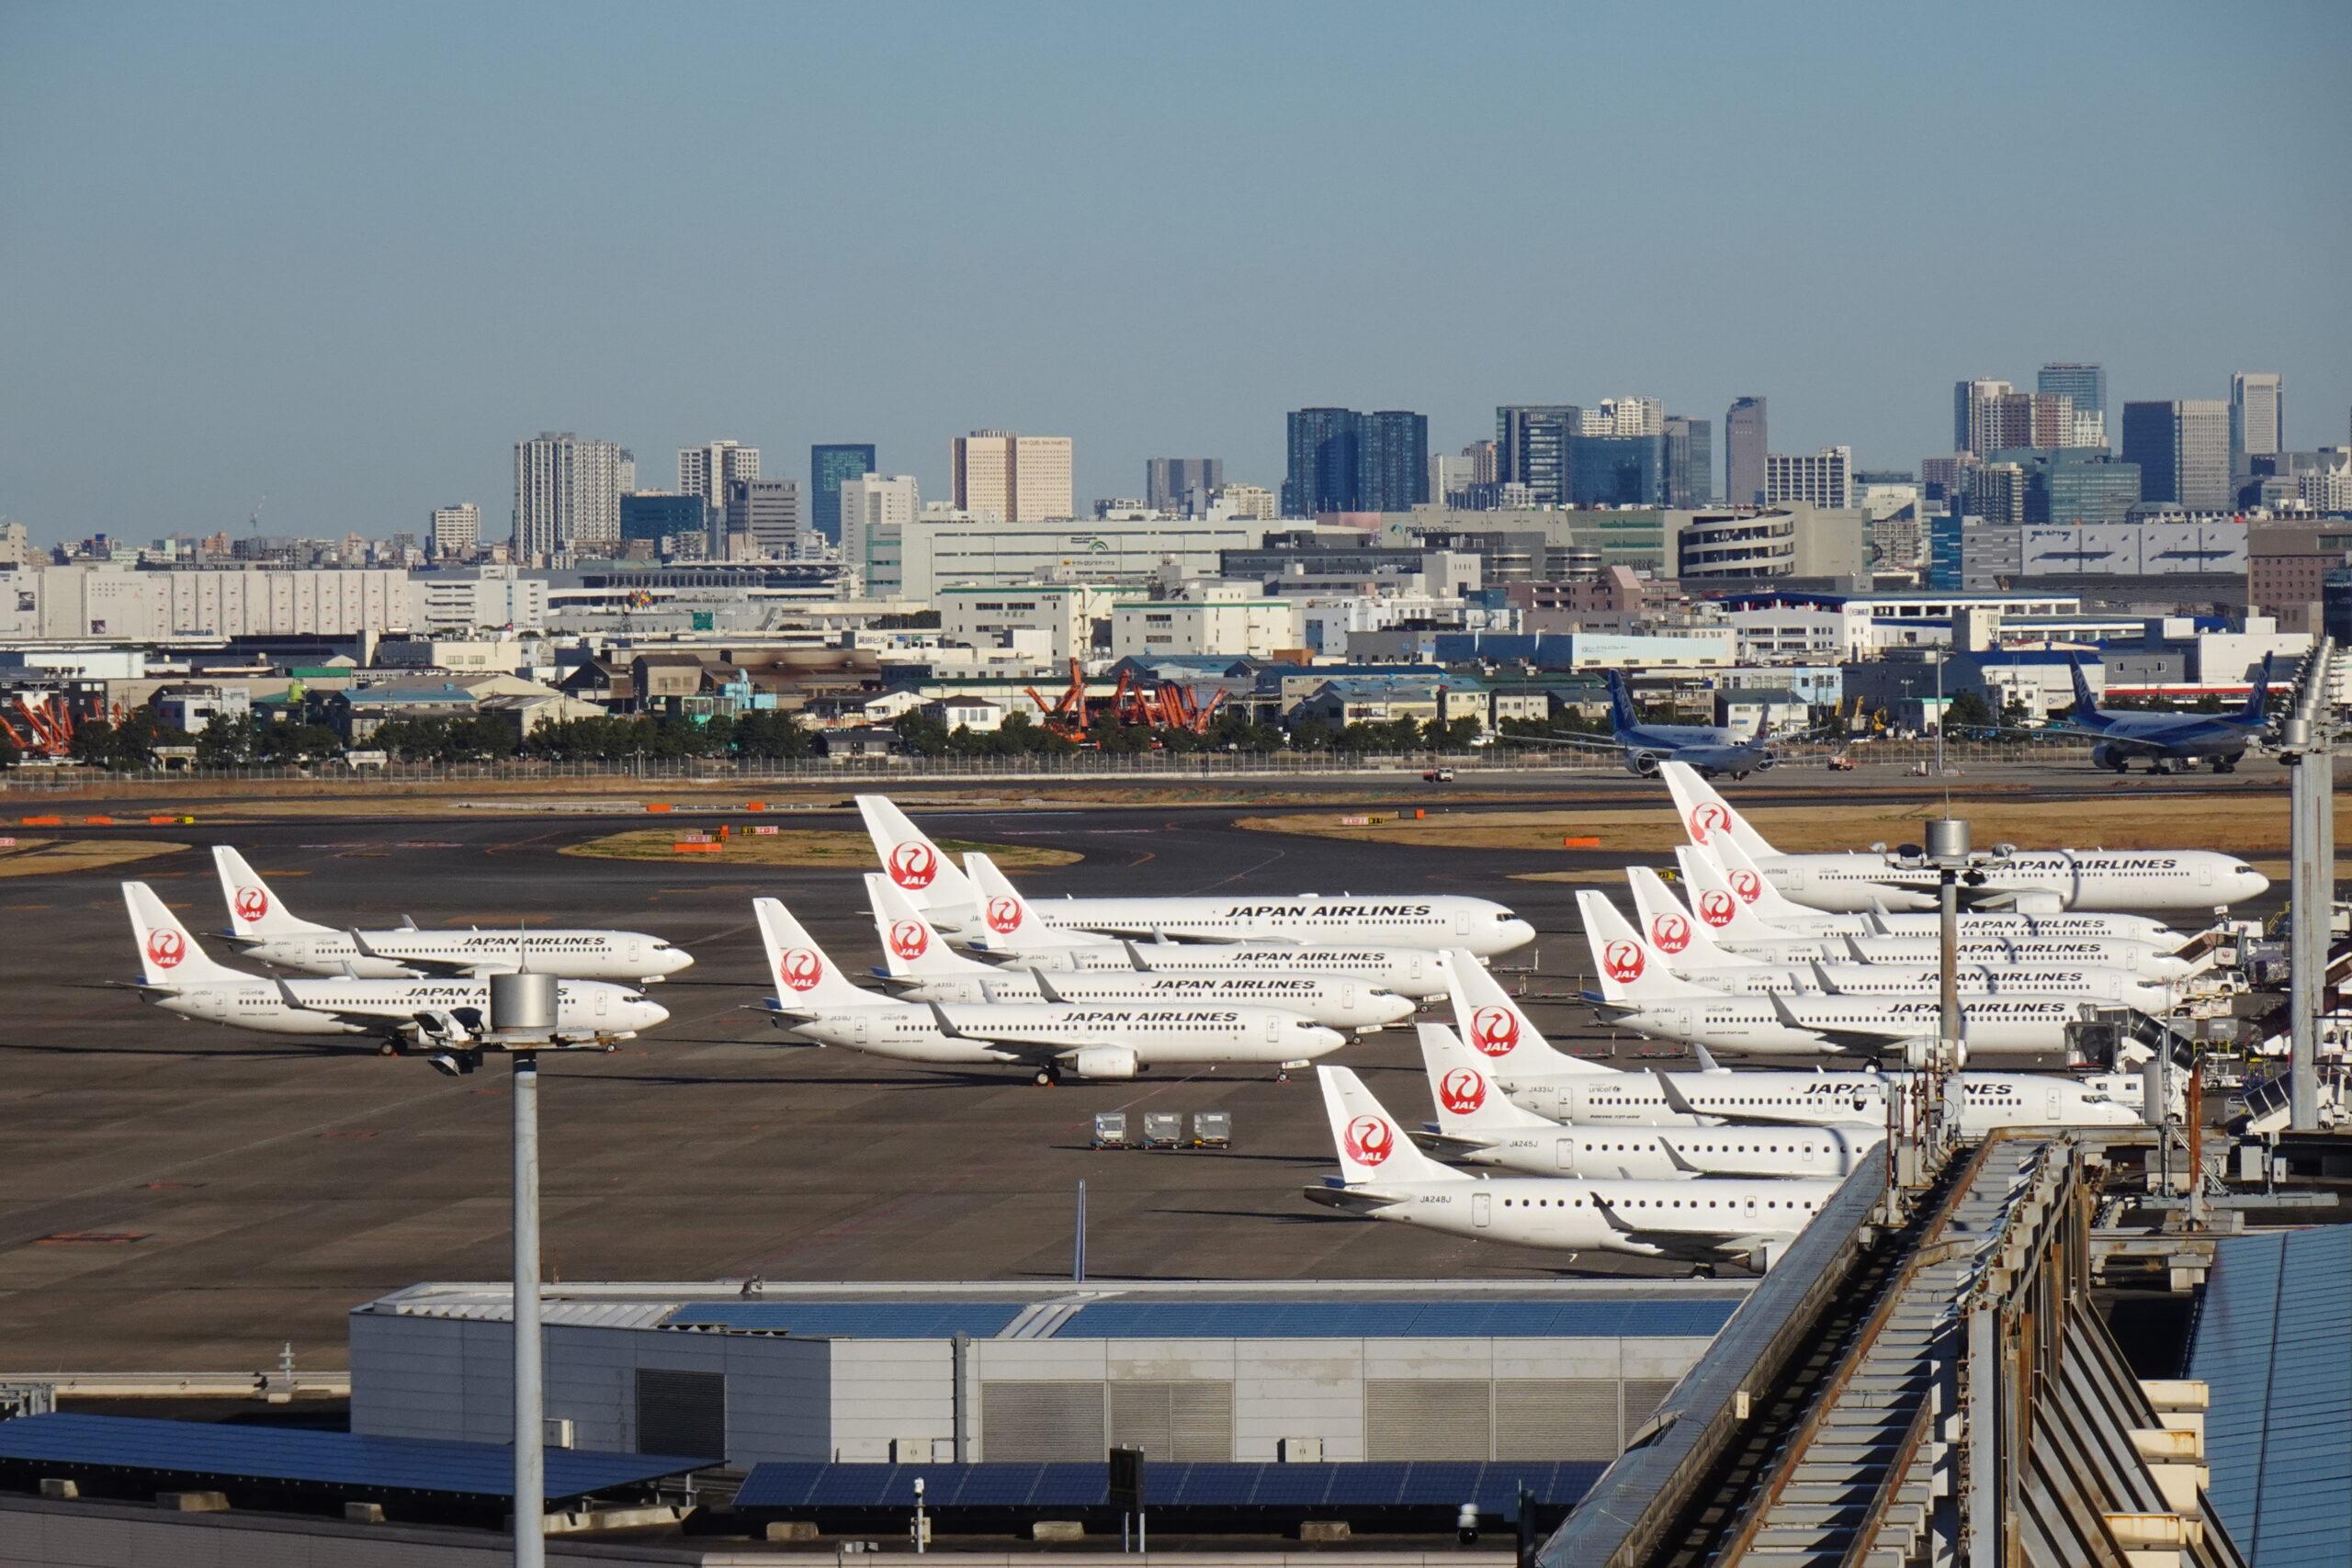 羽田空港第1ターミナルの展望台から見る駐機場